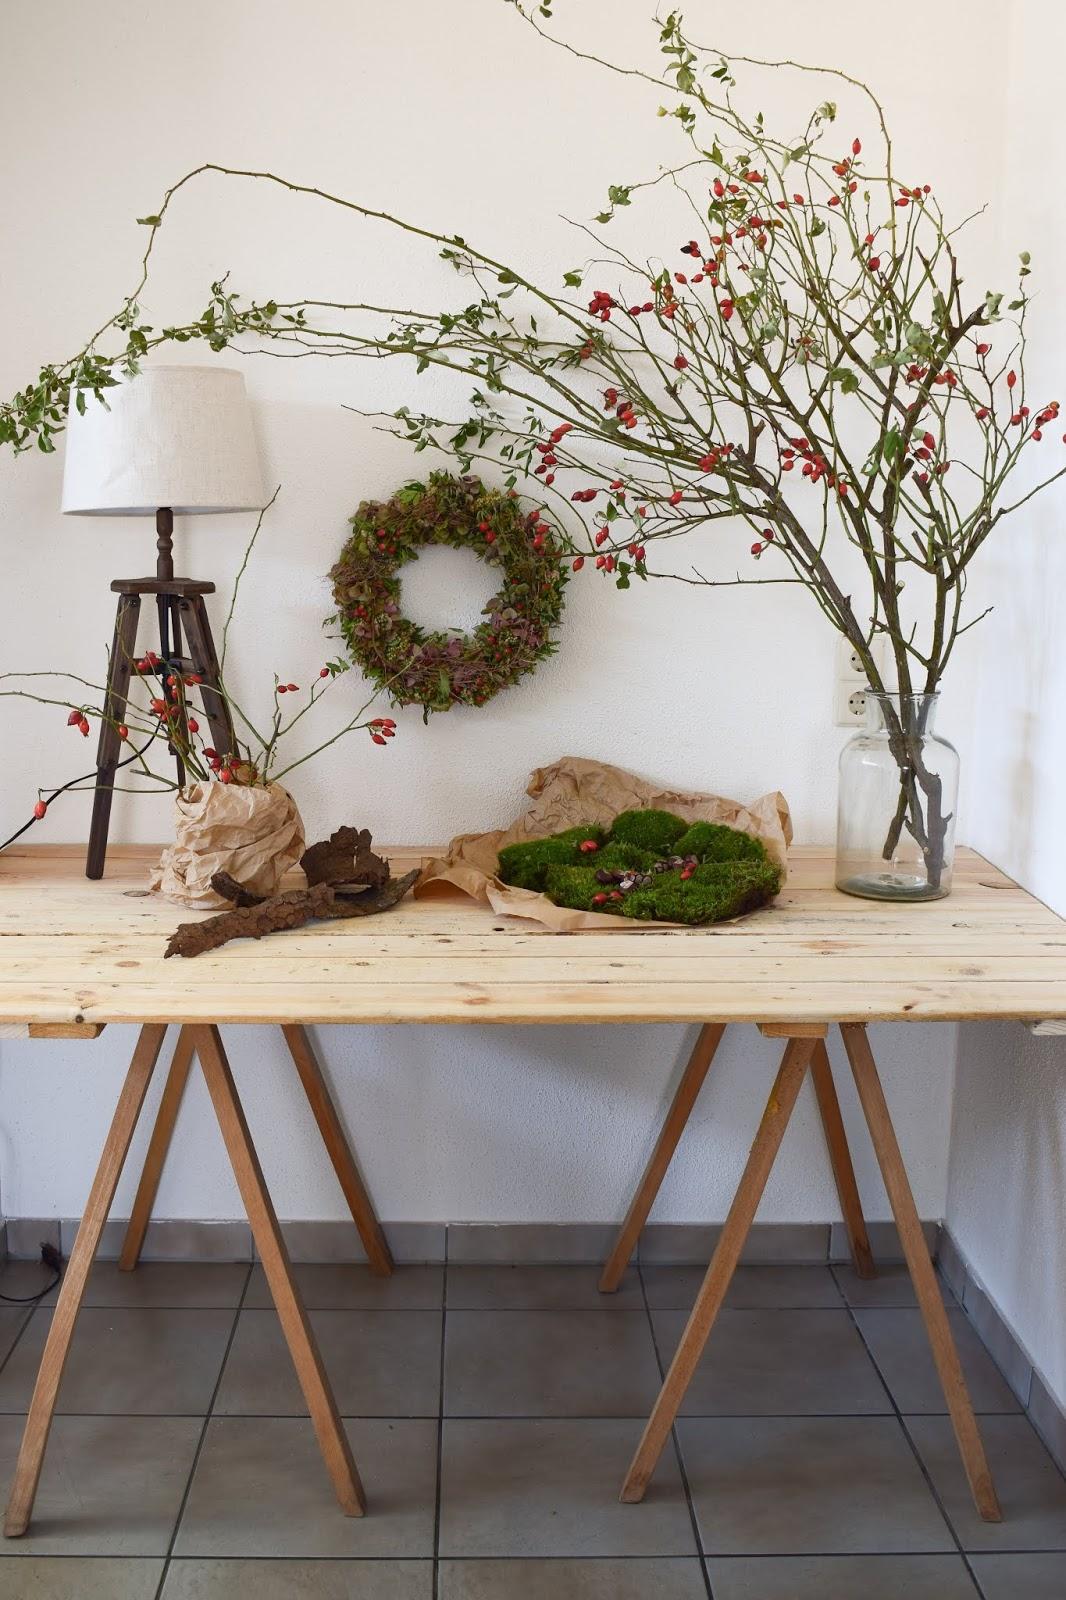 Herbstliche Dekoidee mit Hagebutten für deine Konsole und Sideboard. Natürlich dekorieren mit Naturmaterialien